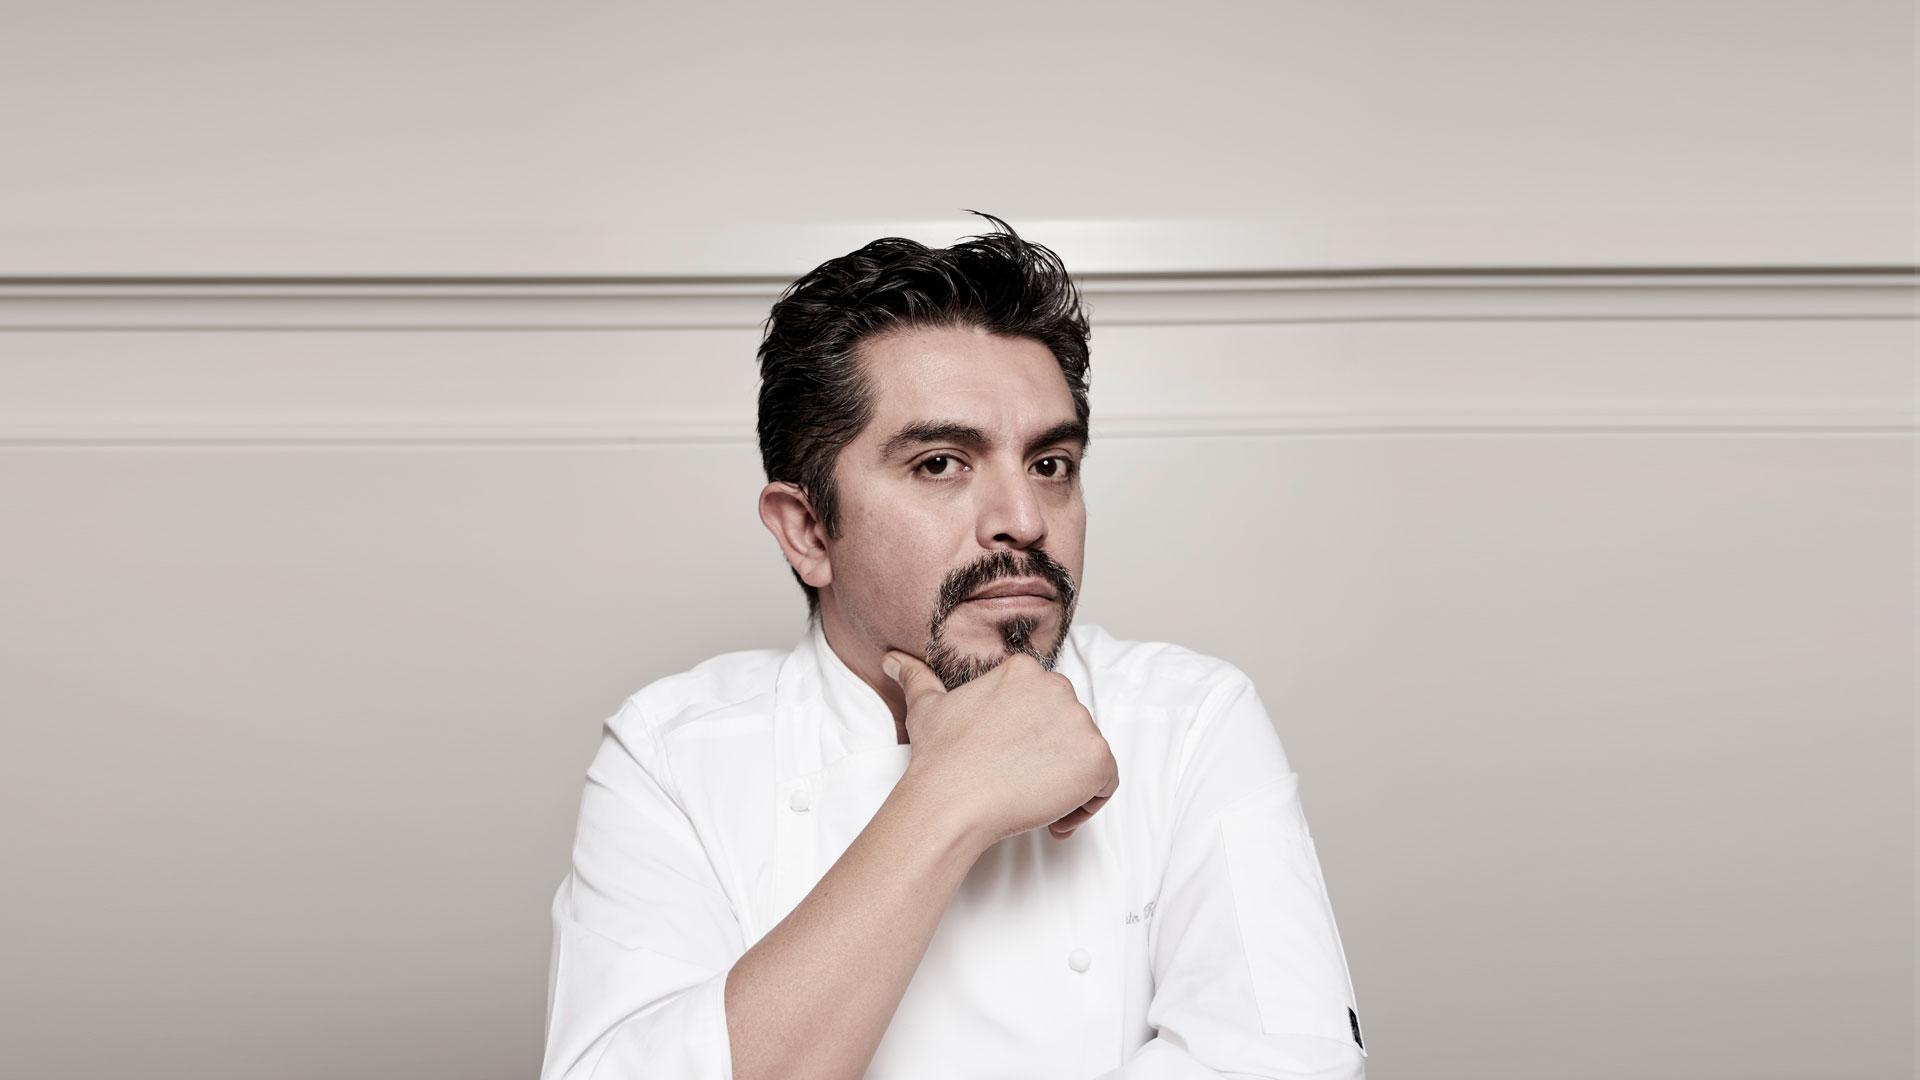 Roberto Ruiz, un chef mexicano en Madrid ante el Coronavirus